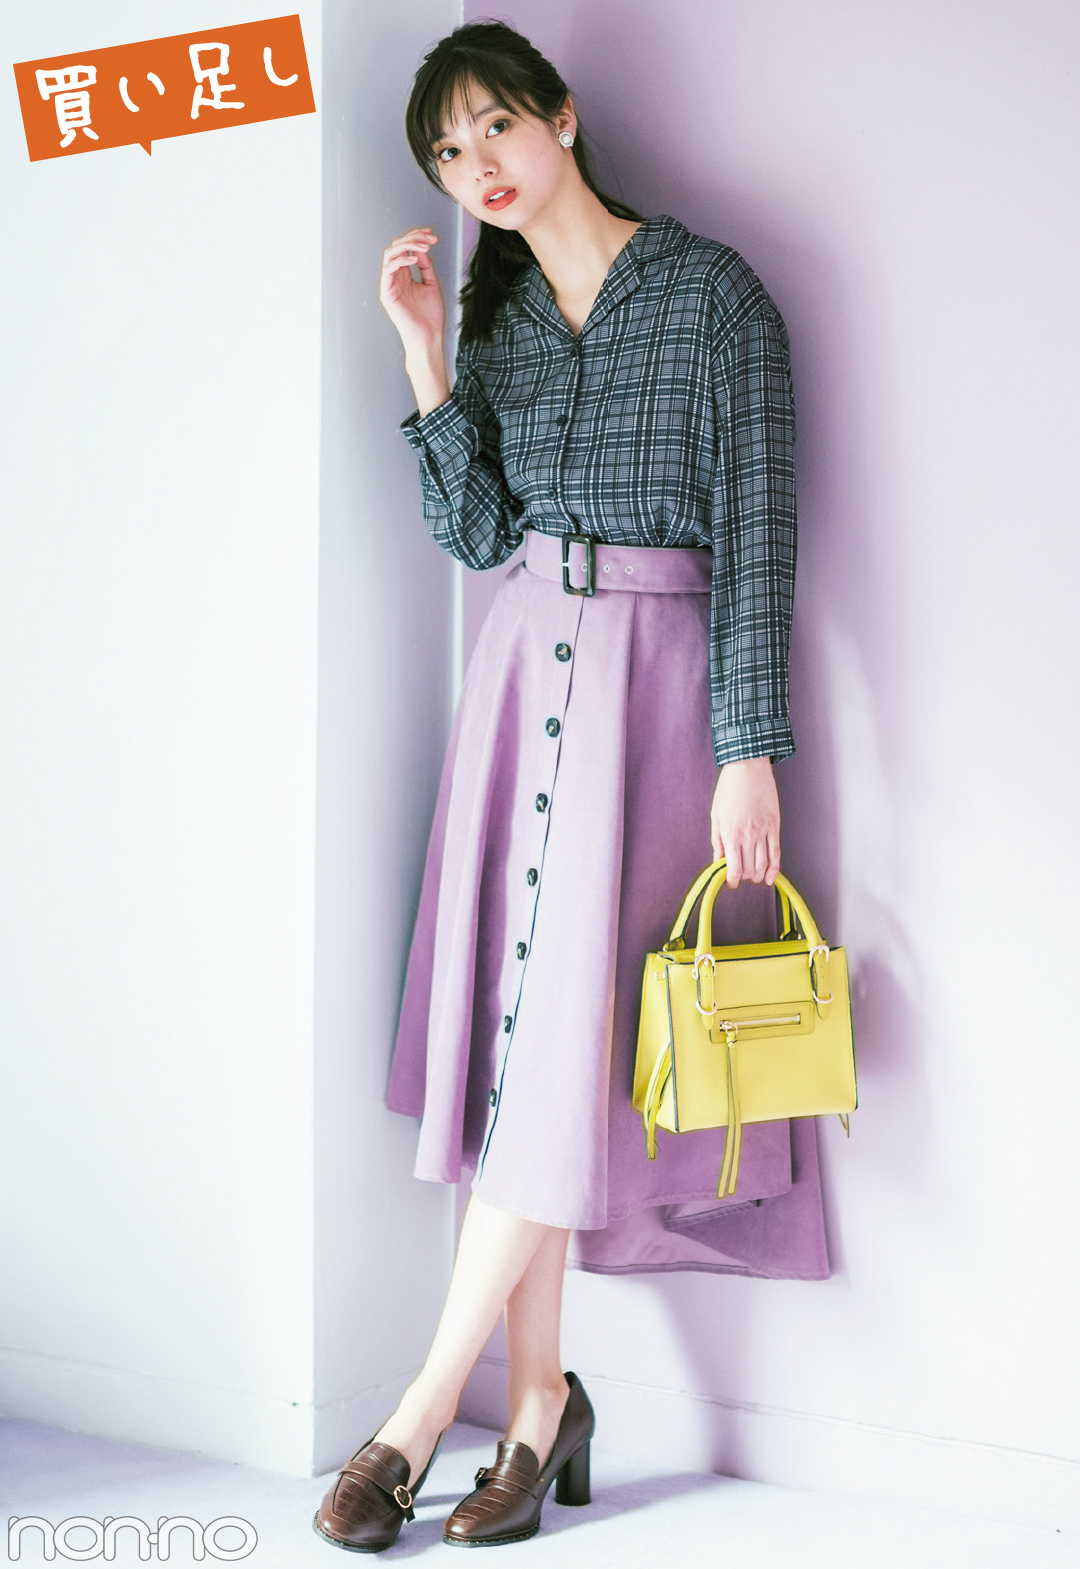 秋イチに買ったスカート、11月に何を買い足したら冬も着られる?【冬コーデ】_1_2-2